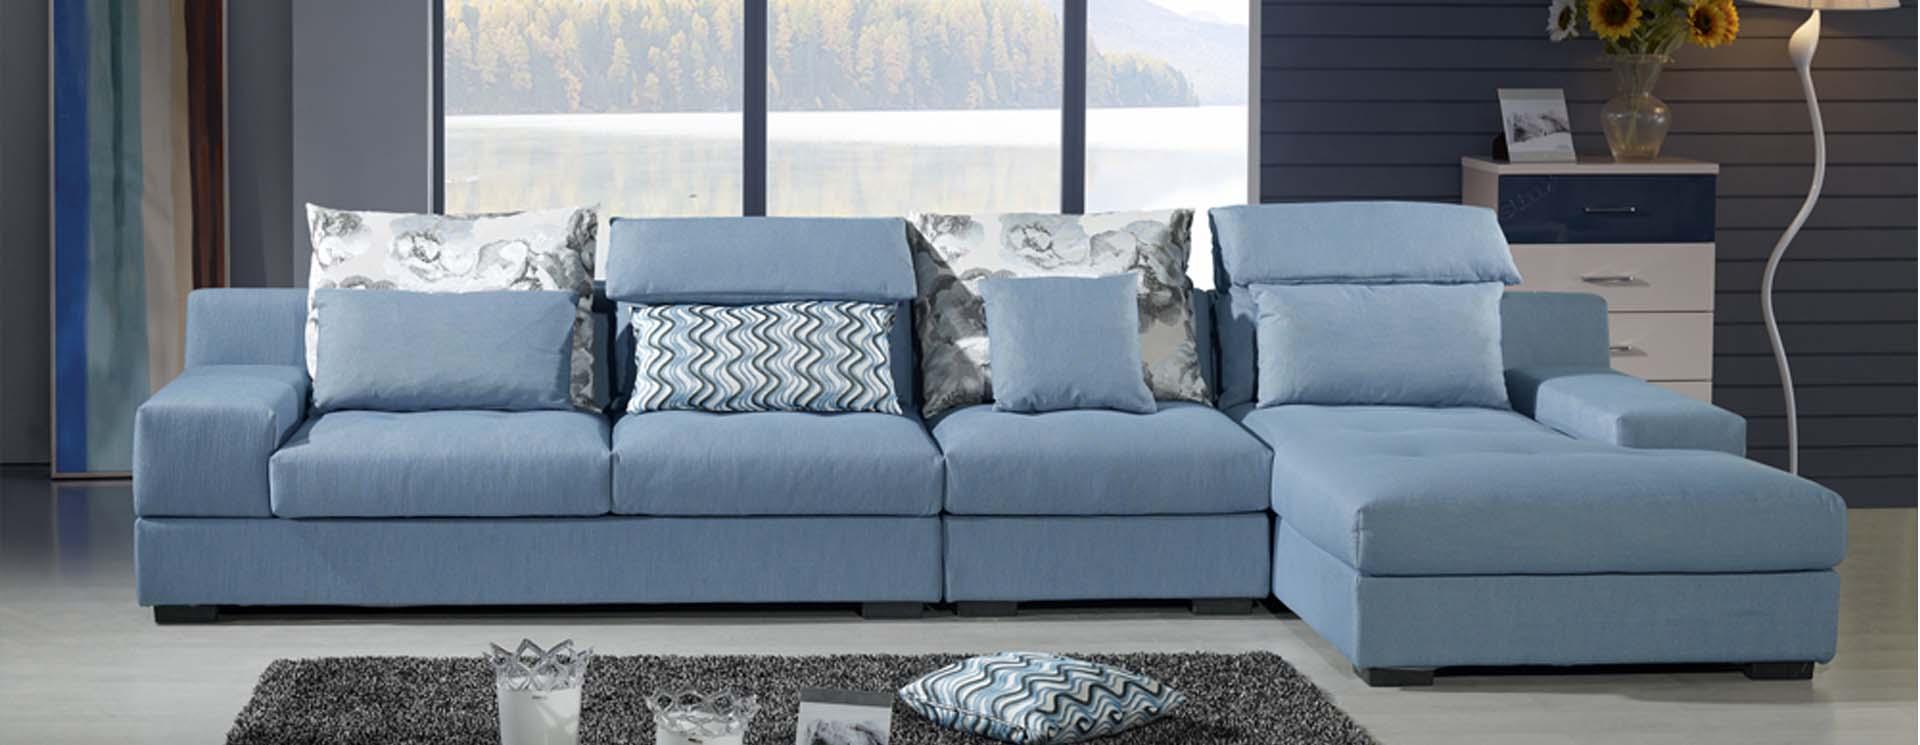 名称:沙发K585#A<br/> 市场价:<font style='color:#999;text-decoration:line-through;'>¥0</font><br />全国统一零售价:<font color='Red'>¥0.0</font>